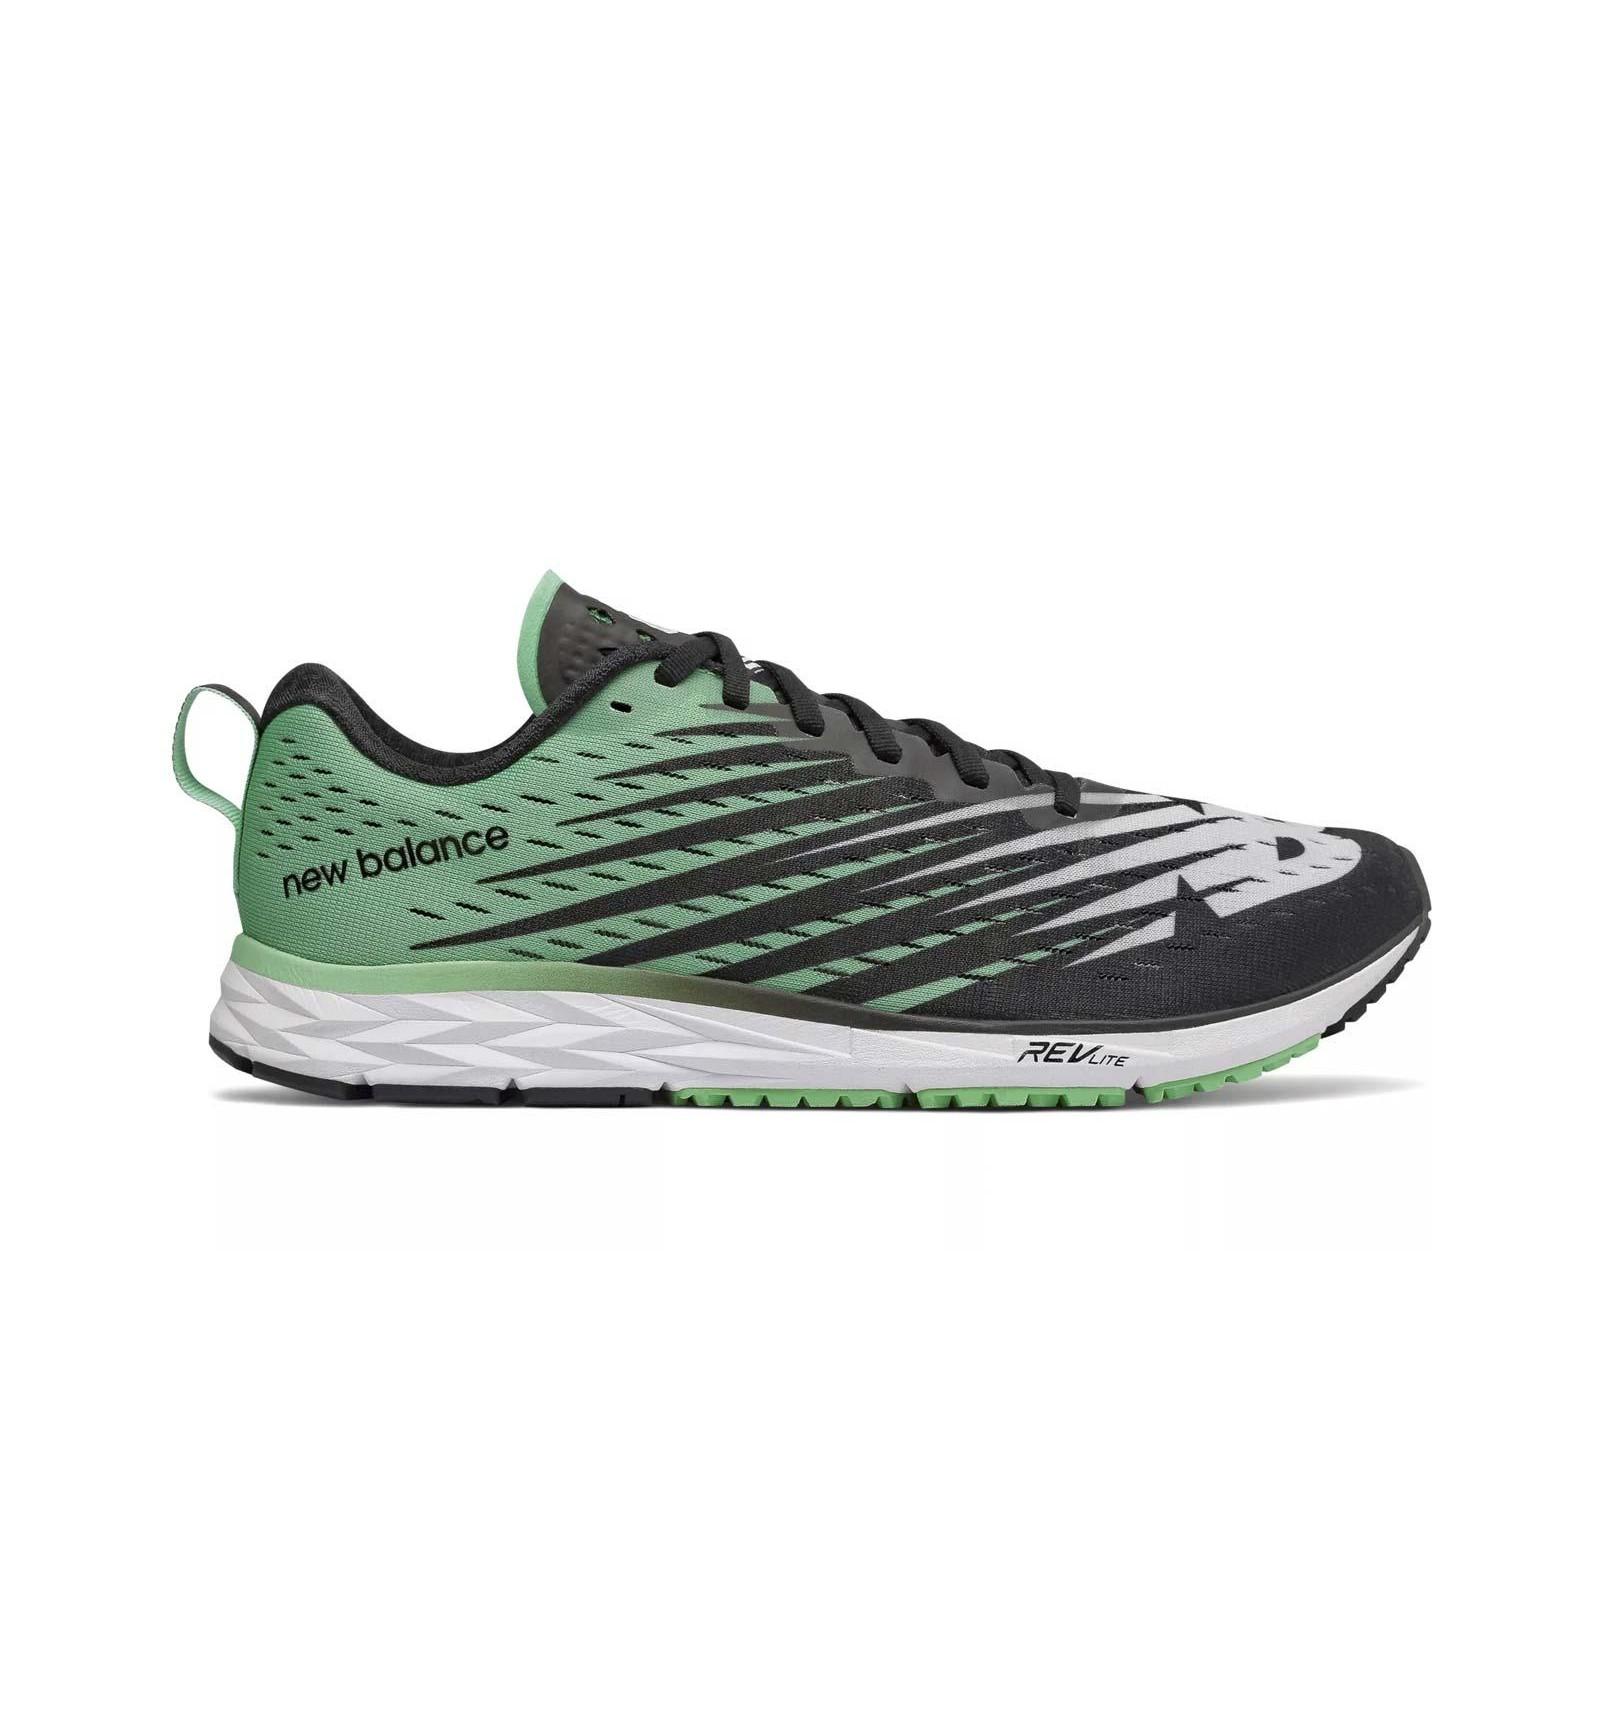 Ofertas New Balance 1500 v5 - Comparador de Precios Zapatillas Running